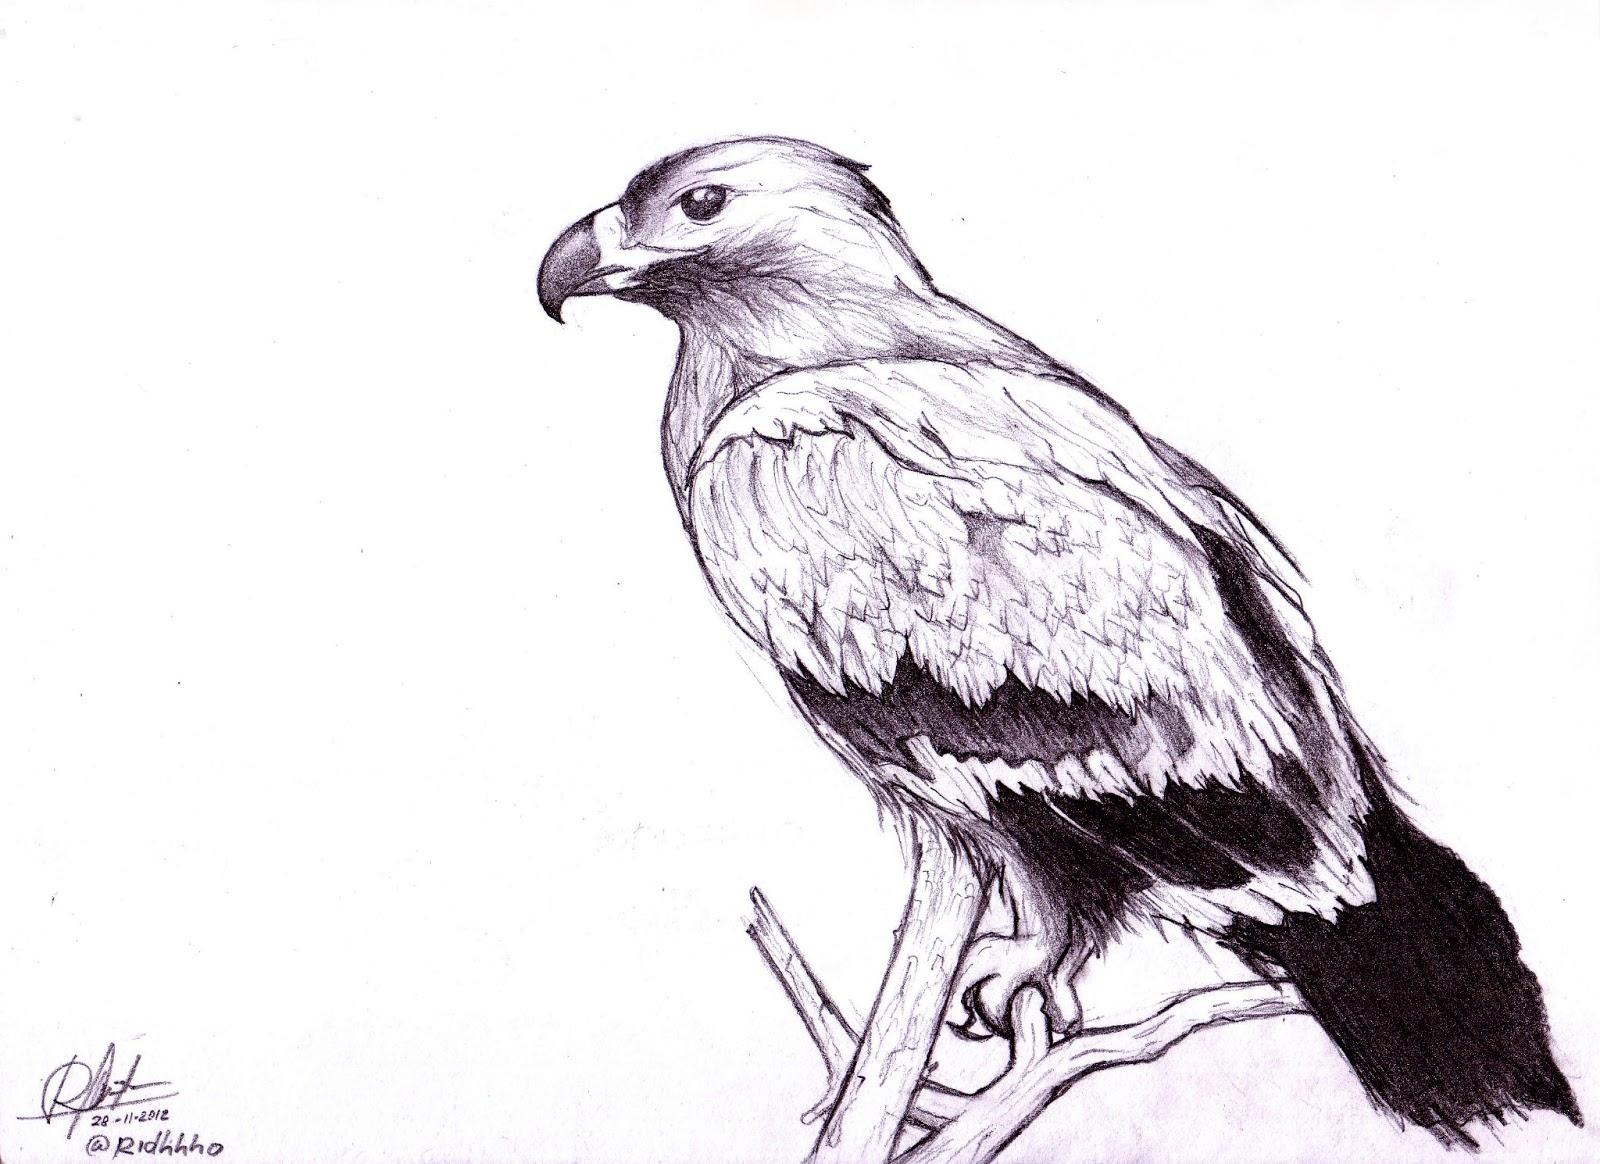 Gambar  Ridho Art Belajar Menggambar Gambar  Burung  Kuda